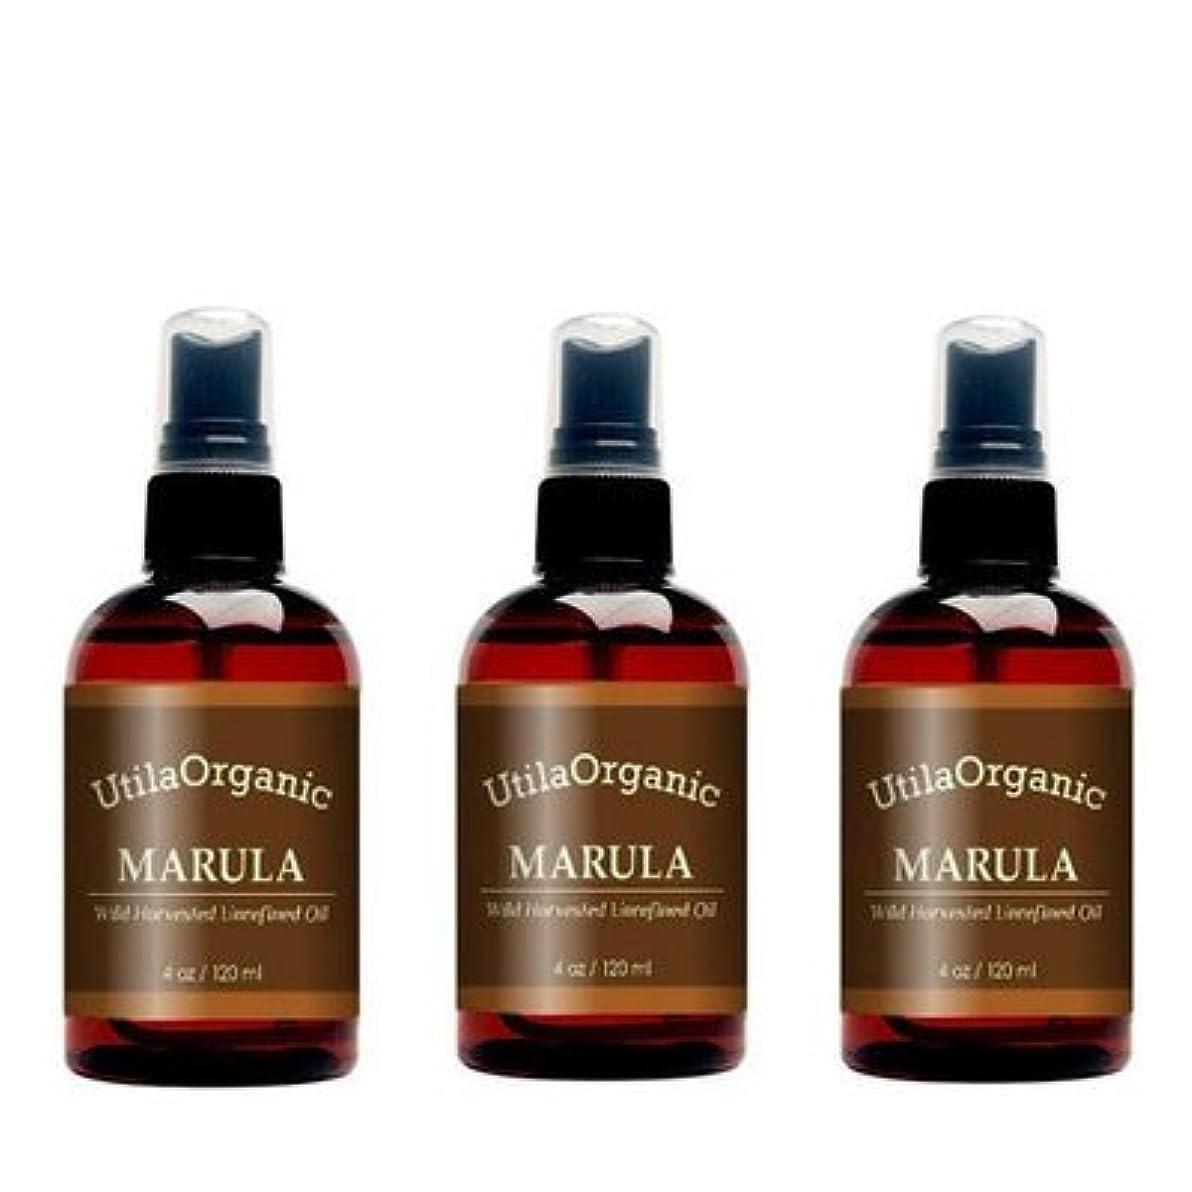 ヘア男らしい杭お得な3本セット 未精製 マルラオイル 120ml Marula Oil 100% pure and natural 【並行輸入品】